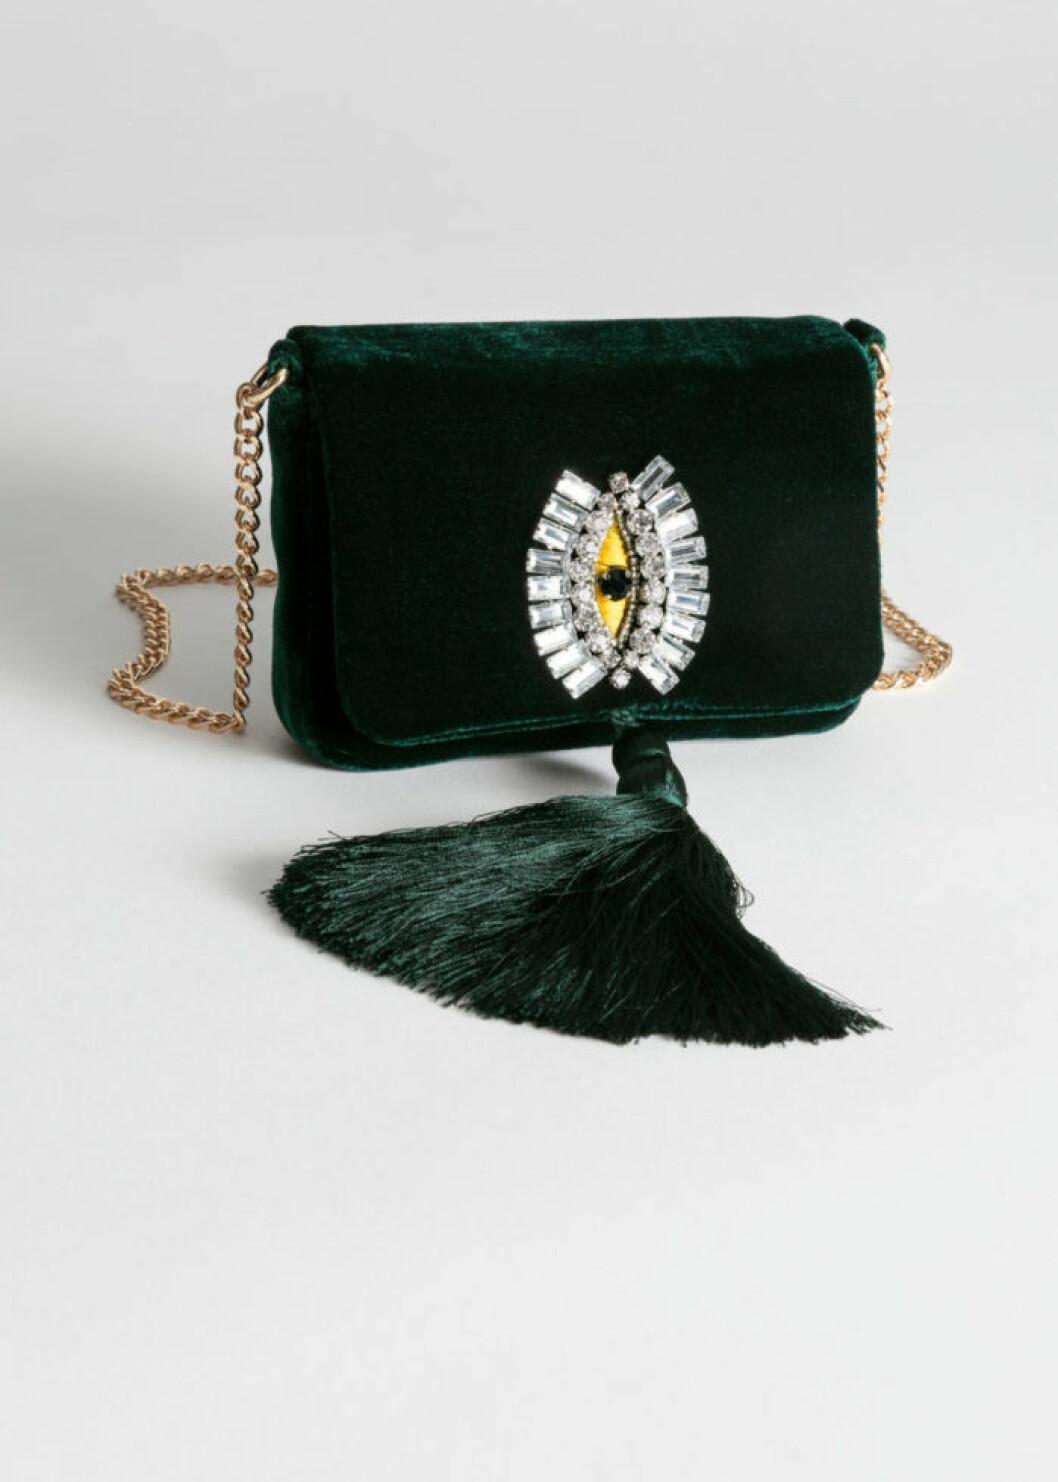 Grön sammetsväska med guldkedja som axelrem från & Other Stories